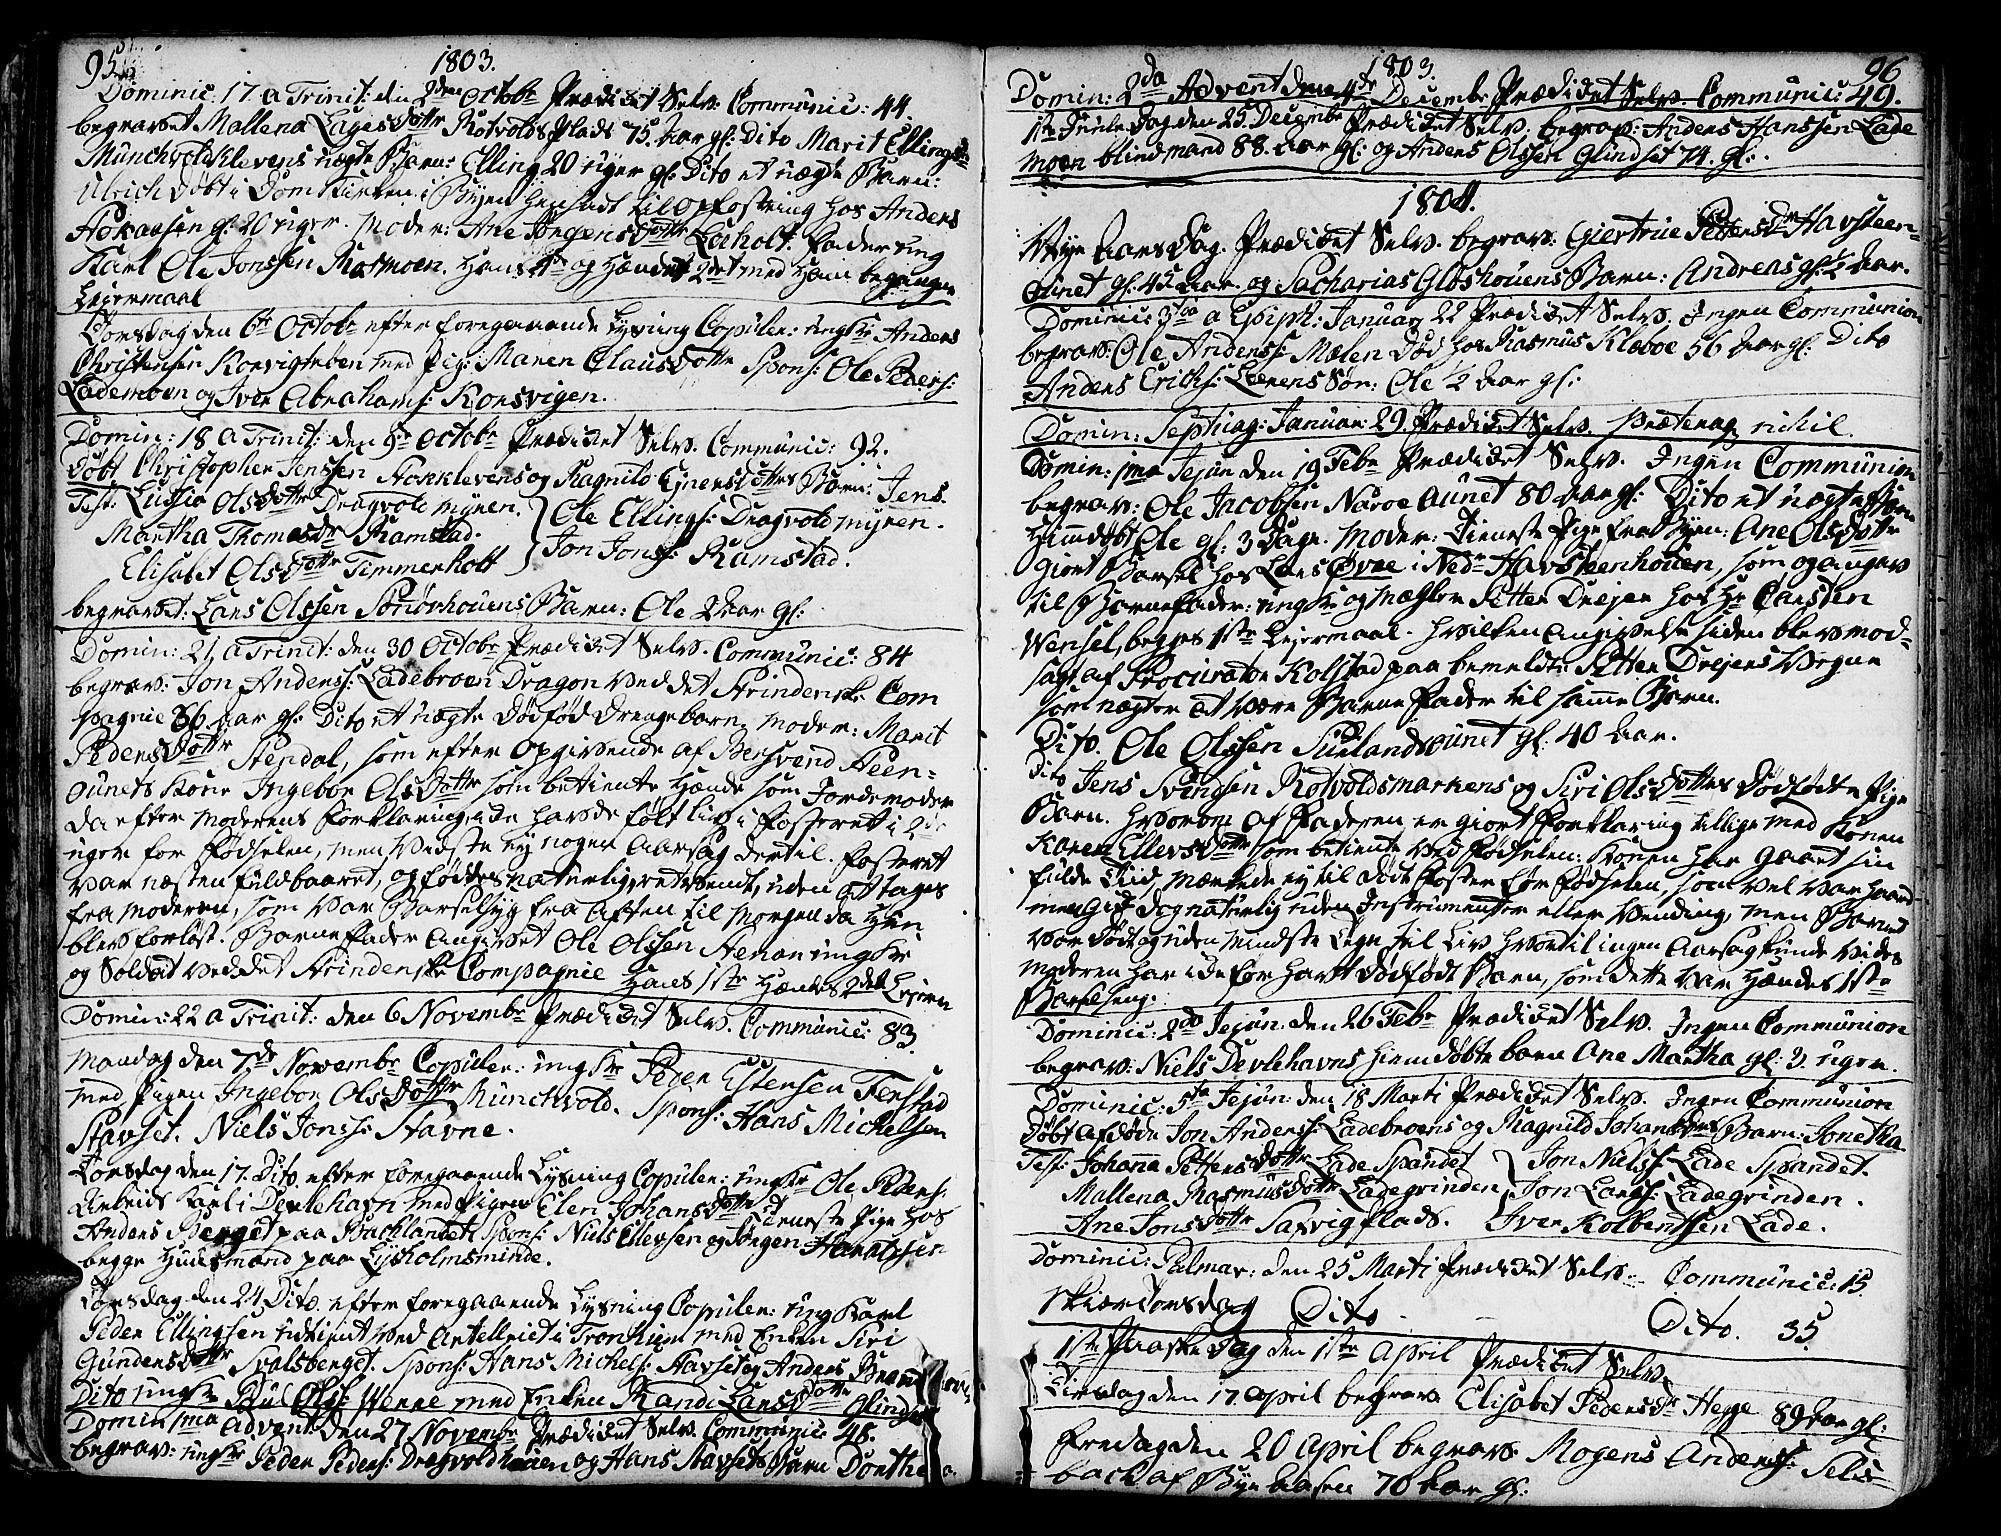 SAT, Ministerialprotokoller, klokkerbøker og fødselsregistre - Sør-Trøndelag, 606/L0280: Ministerialbok nr. 606A02 /1, 1781-1817, s. 95-96